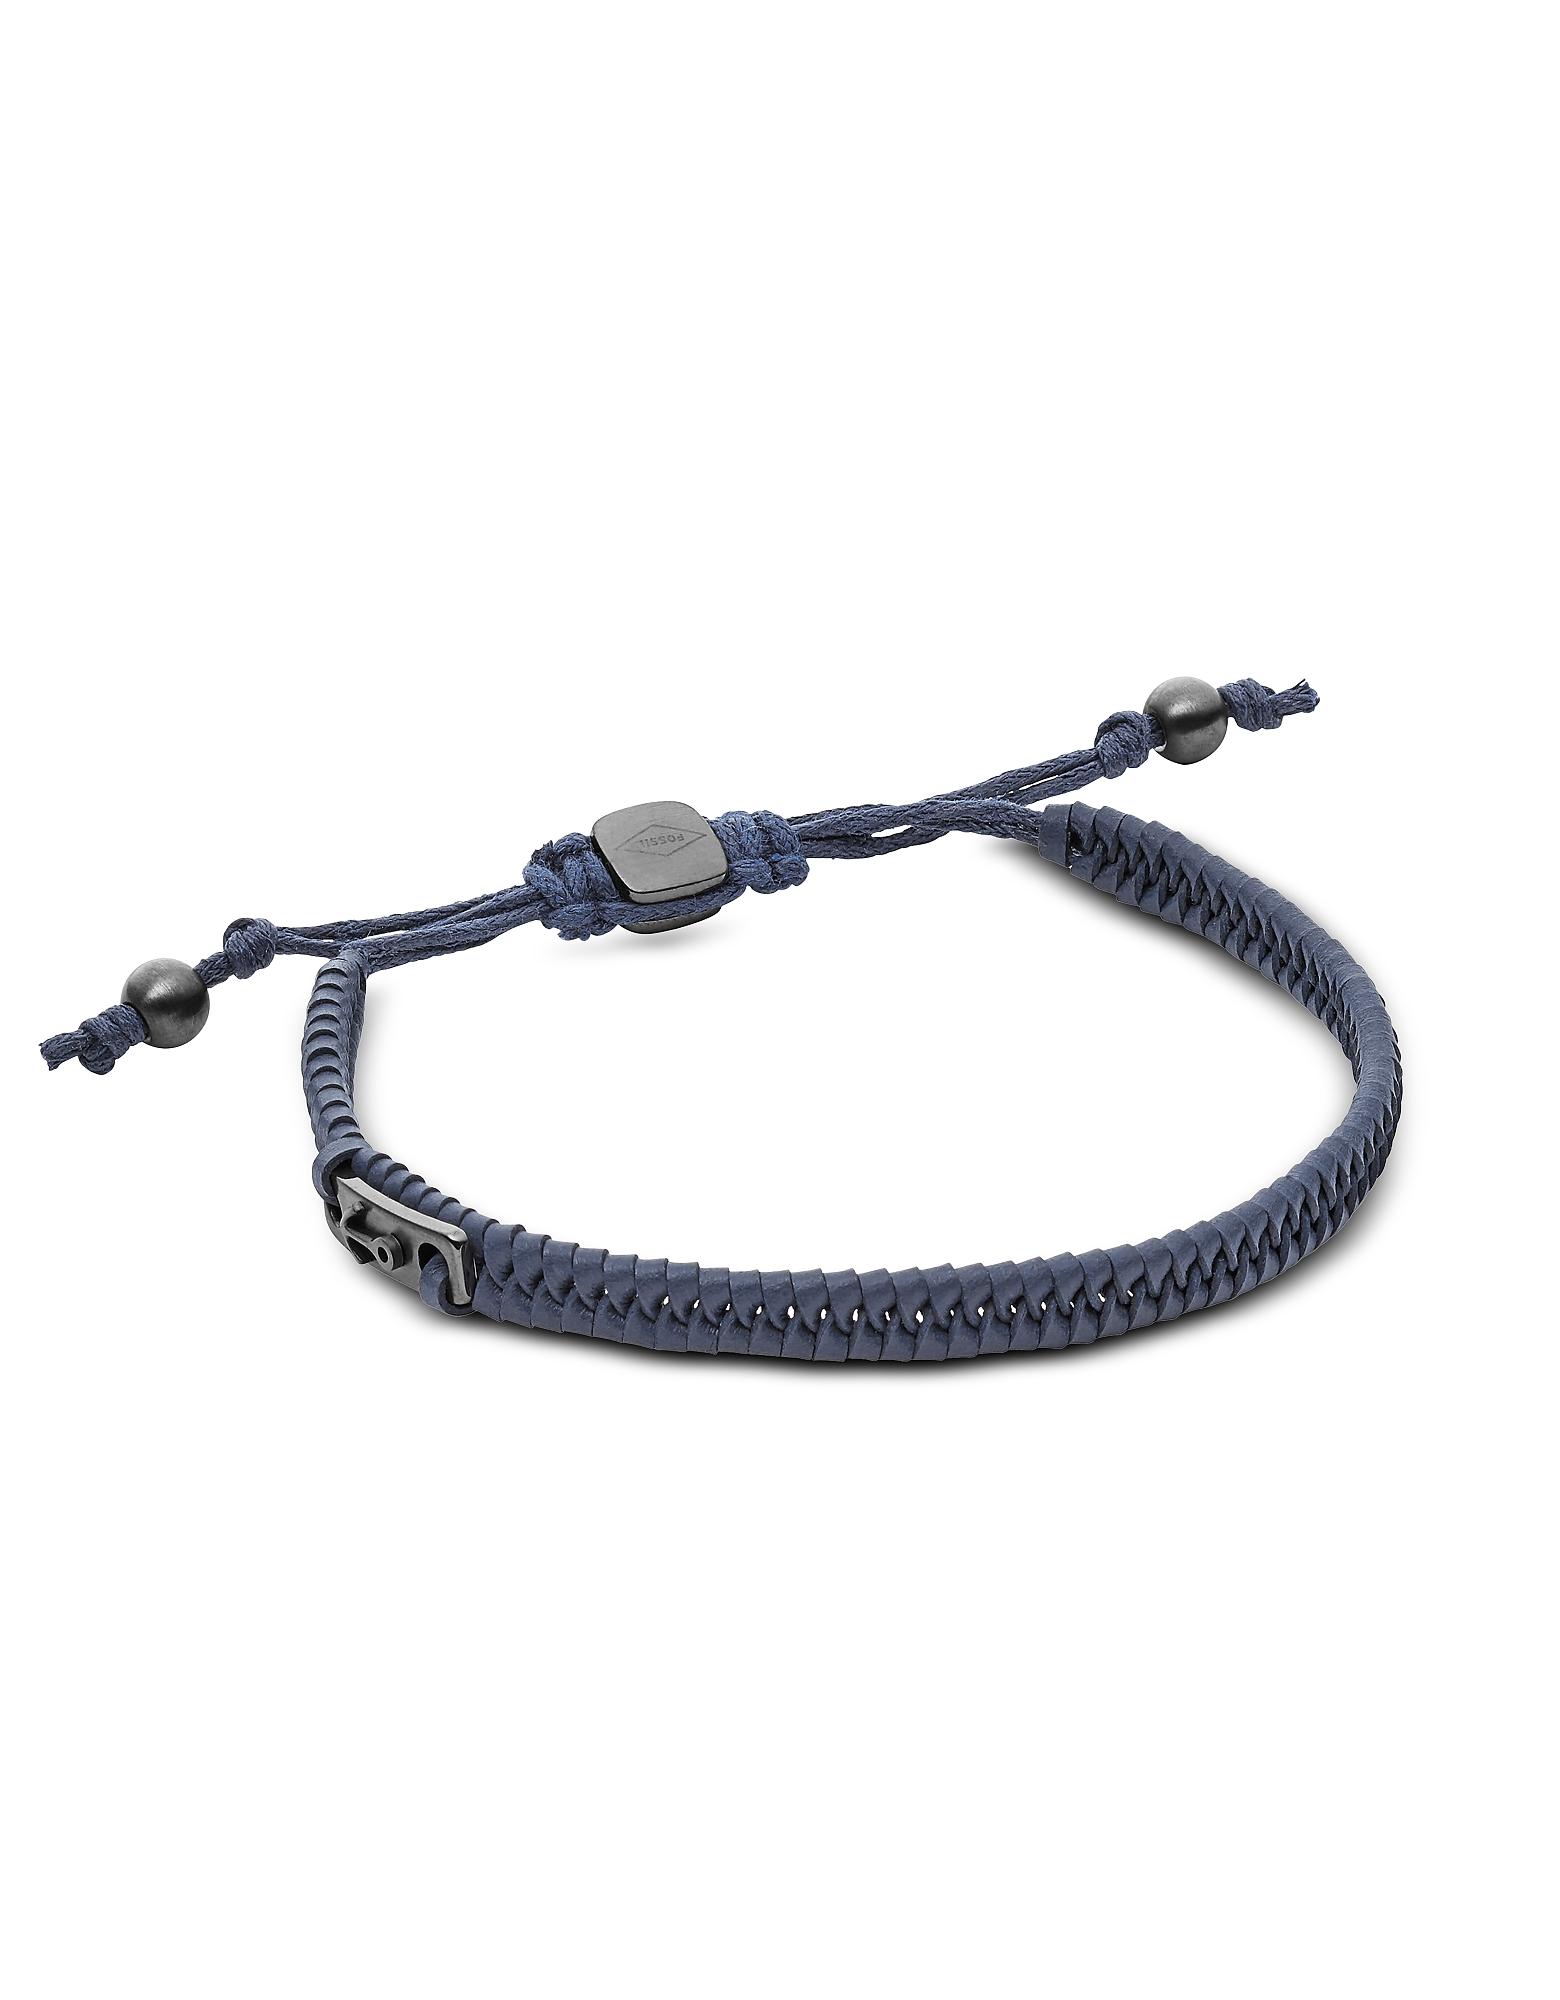 JF02469793 Vintage casual Men's Bracelet Fossil